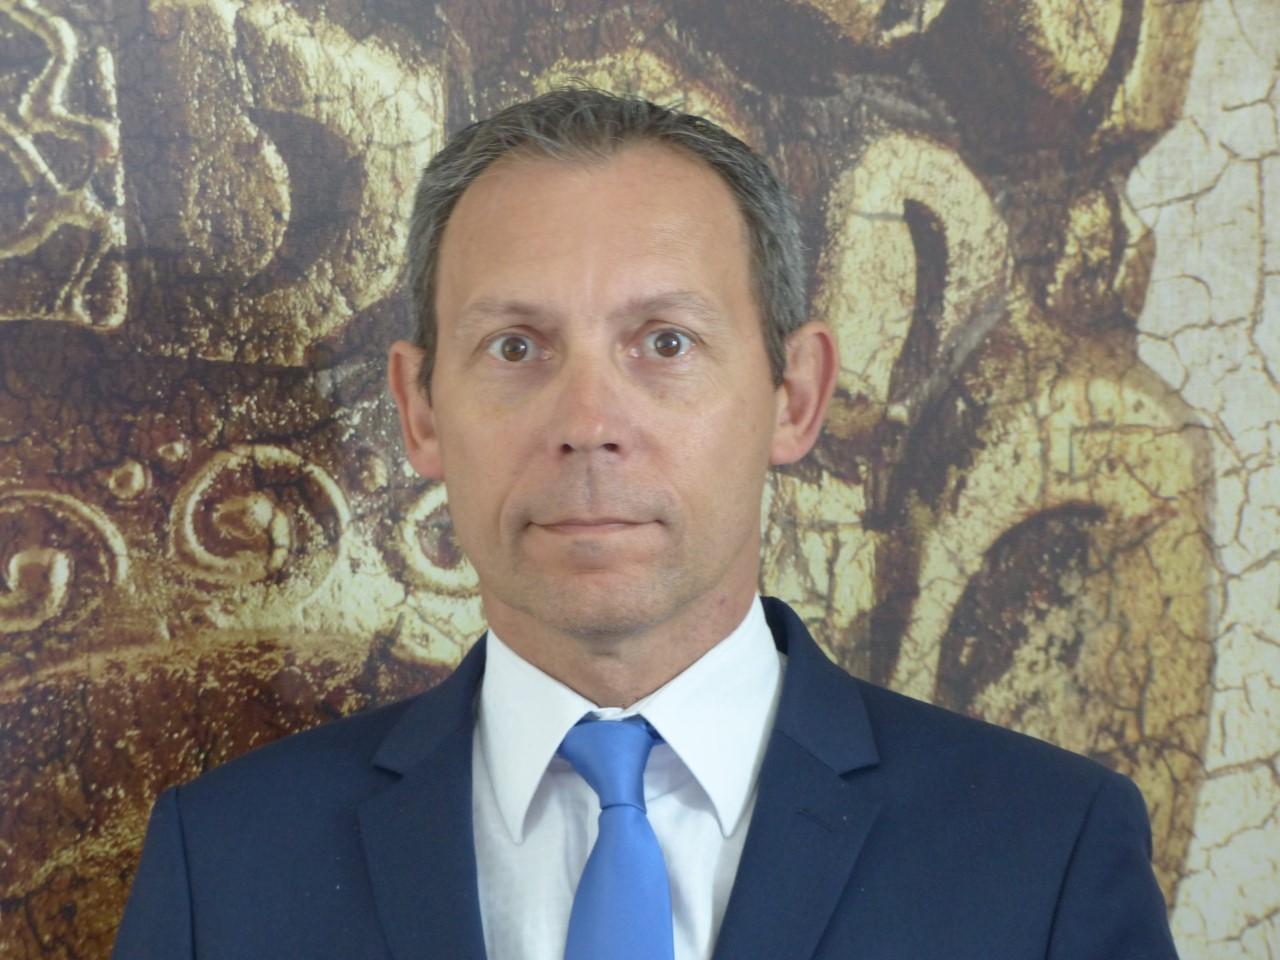 Jean-Philippe Pouquet